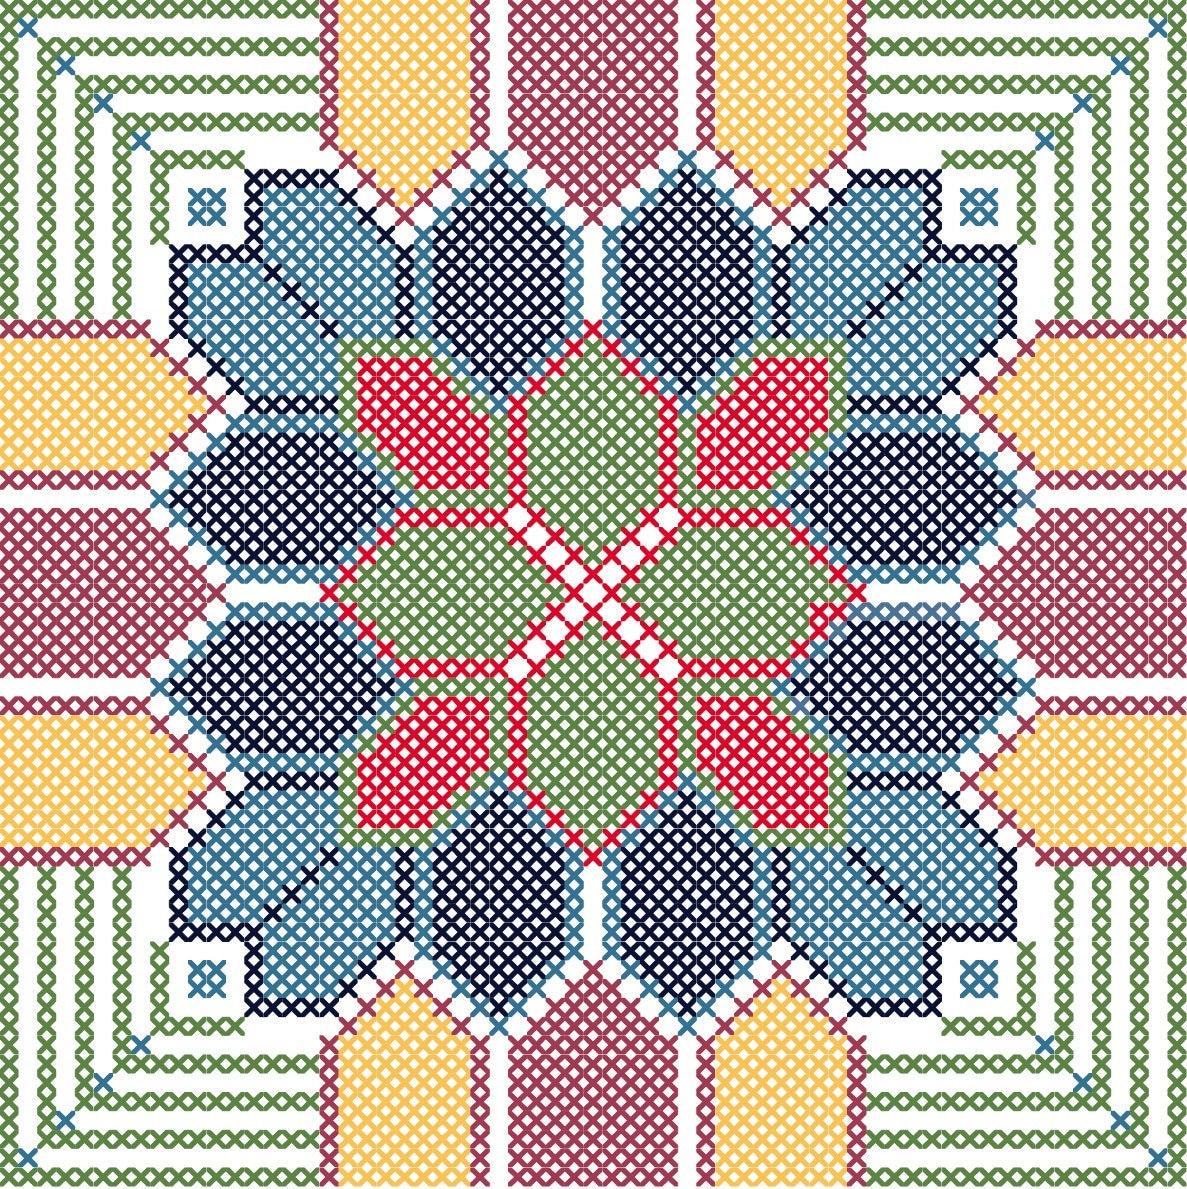 Geometric Flower Viewing Gallery